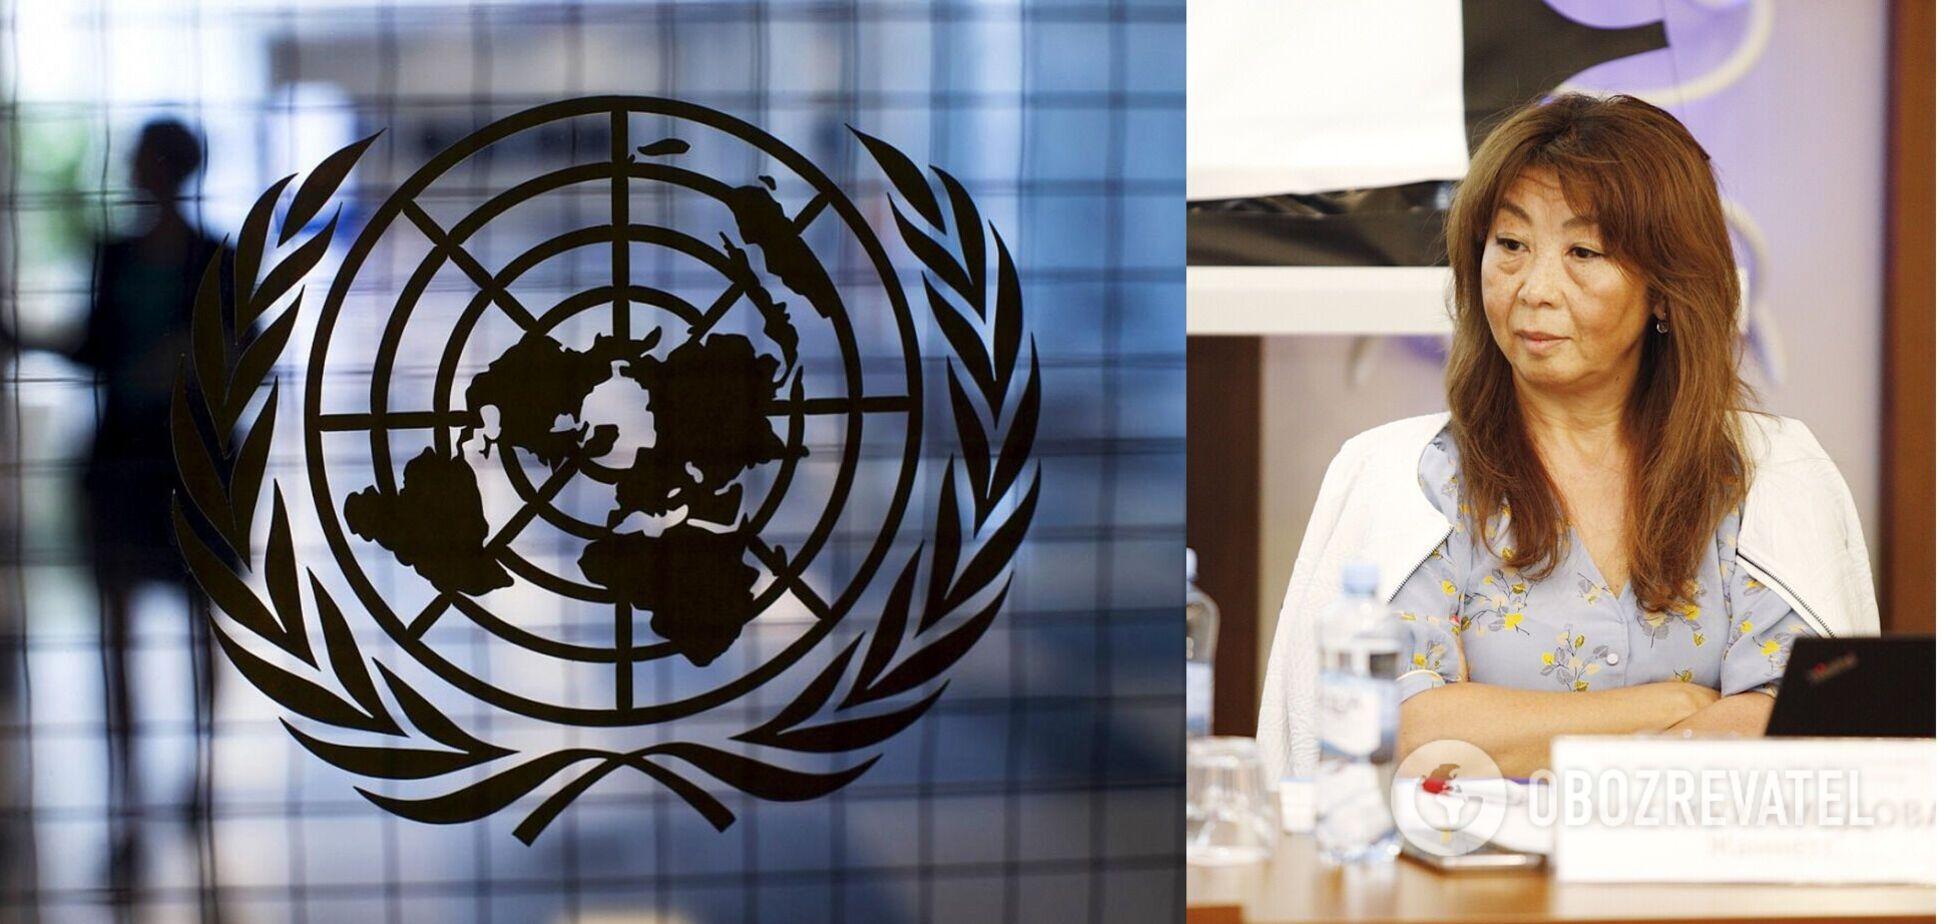 В ООН рассказали, к каким преступлениям в сфере оборота наркотиков, можно принять меры, альтернативные уголовным